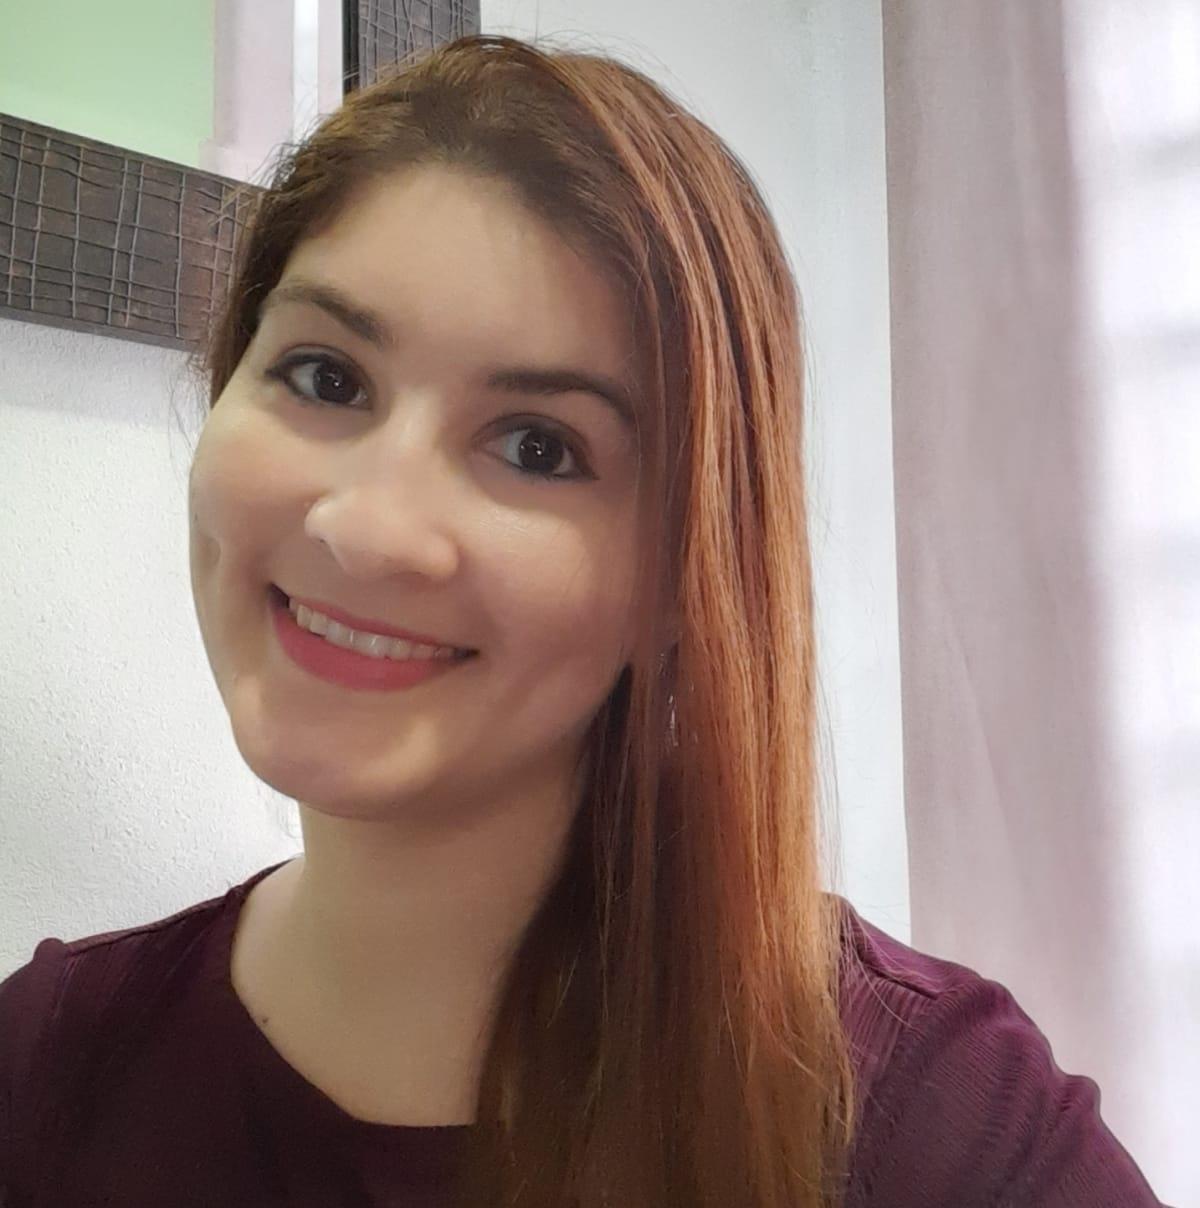 Evelyn Seb